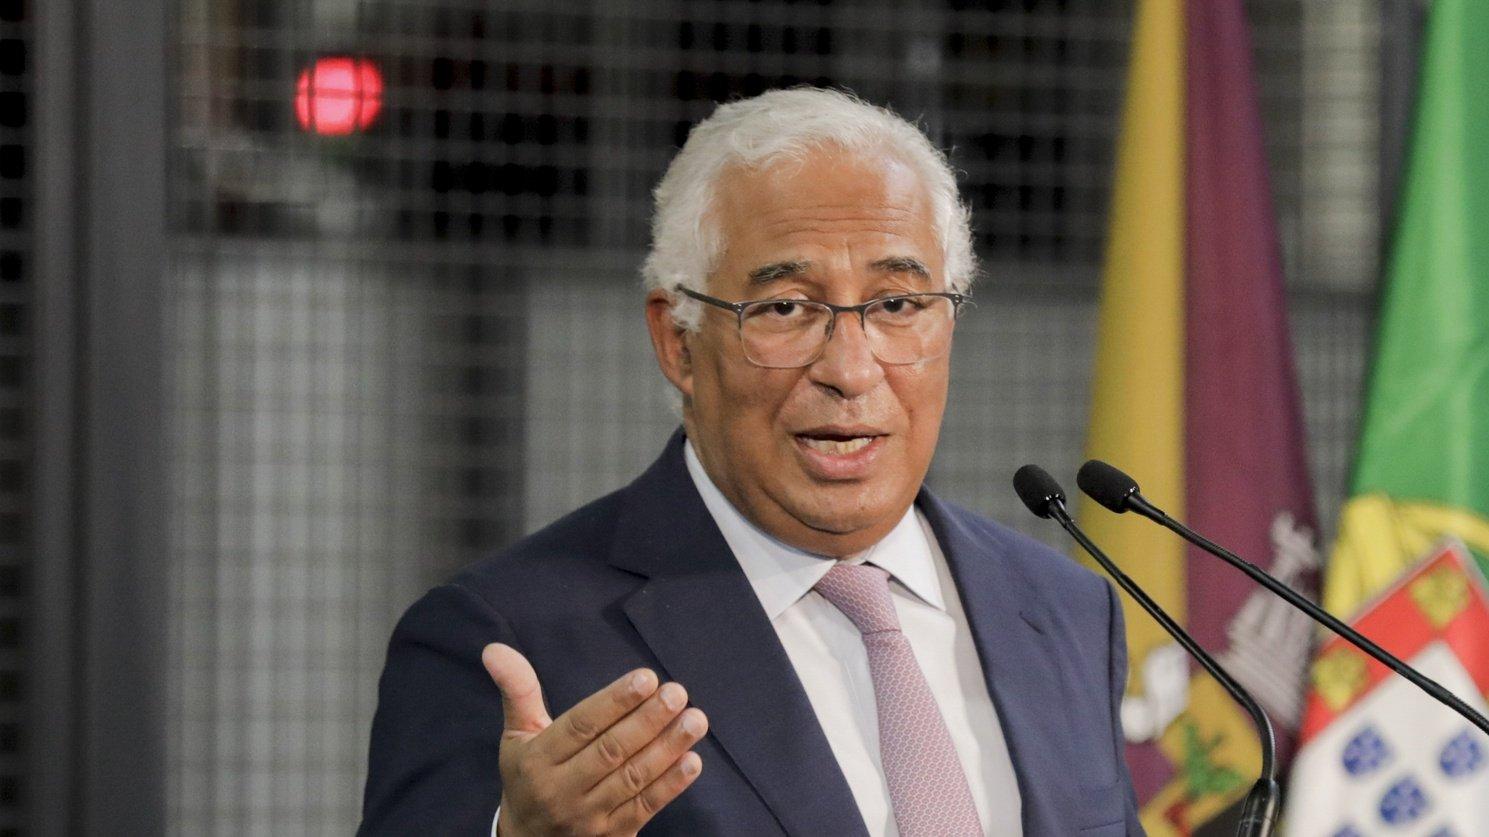 O primeiro-ministro, António Costa, discursa na cerimónia de inauguração do novo armazém automático da Sumol Compal, em Almeirim, 15 de outubro de 2021. PAULO CUNHA /LUSA